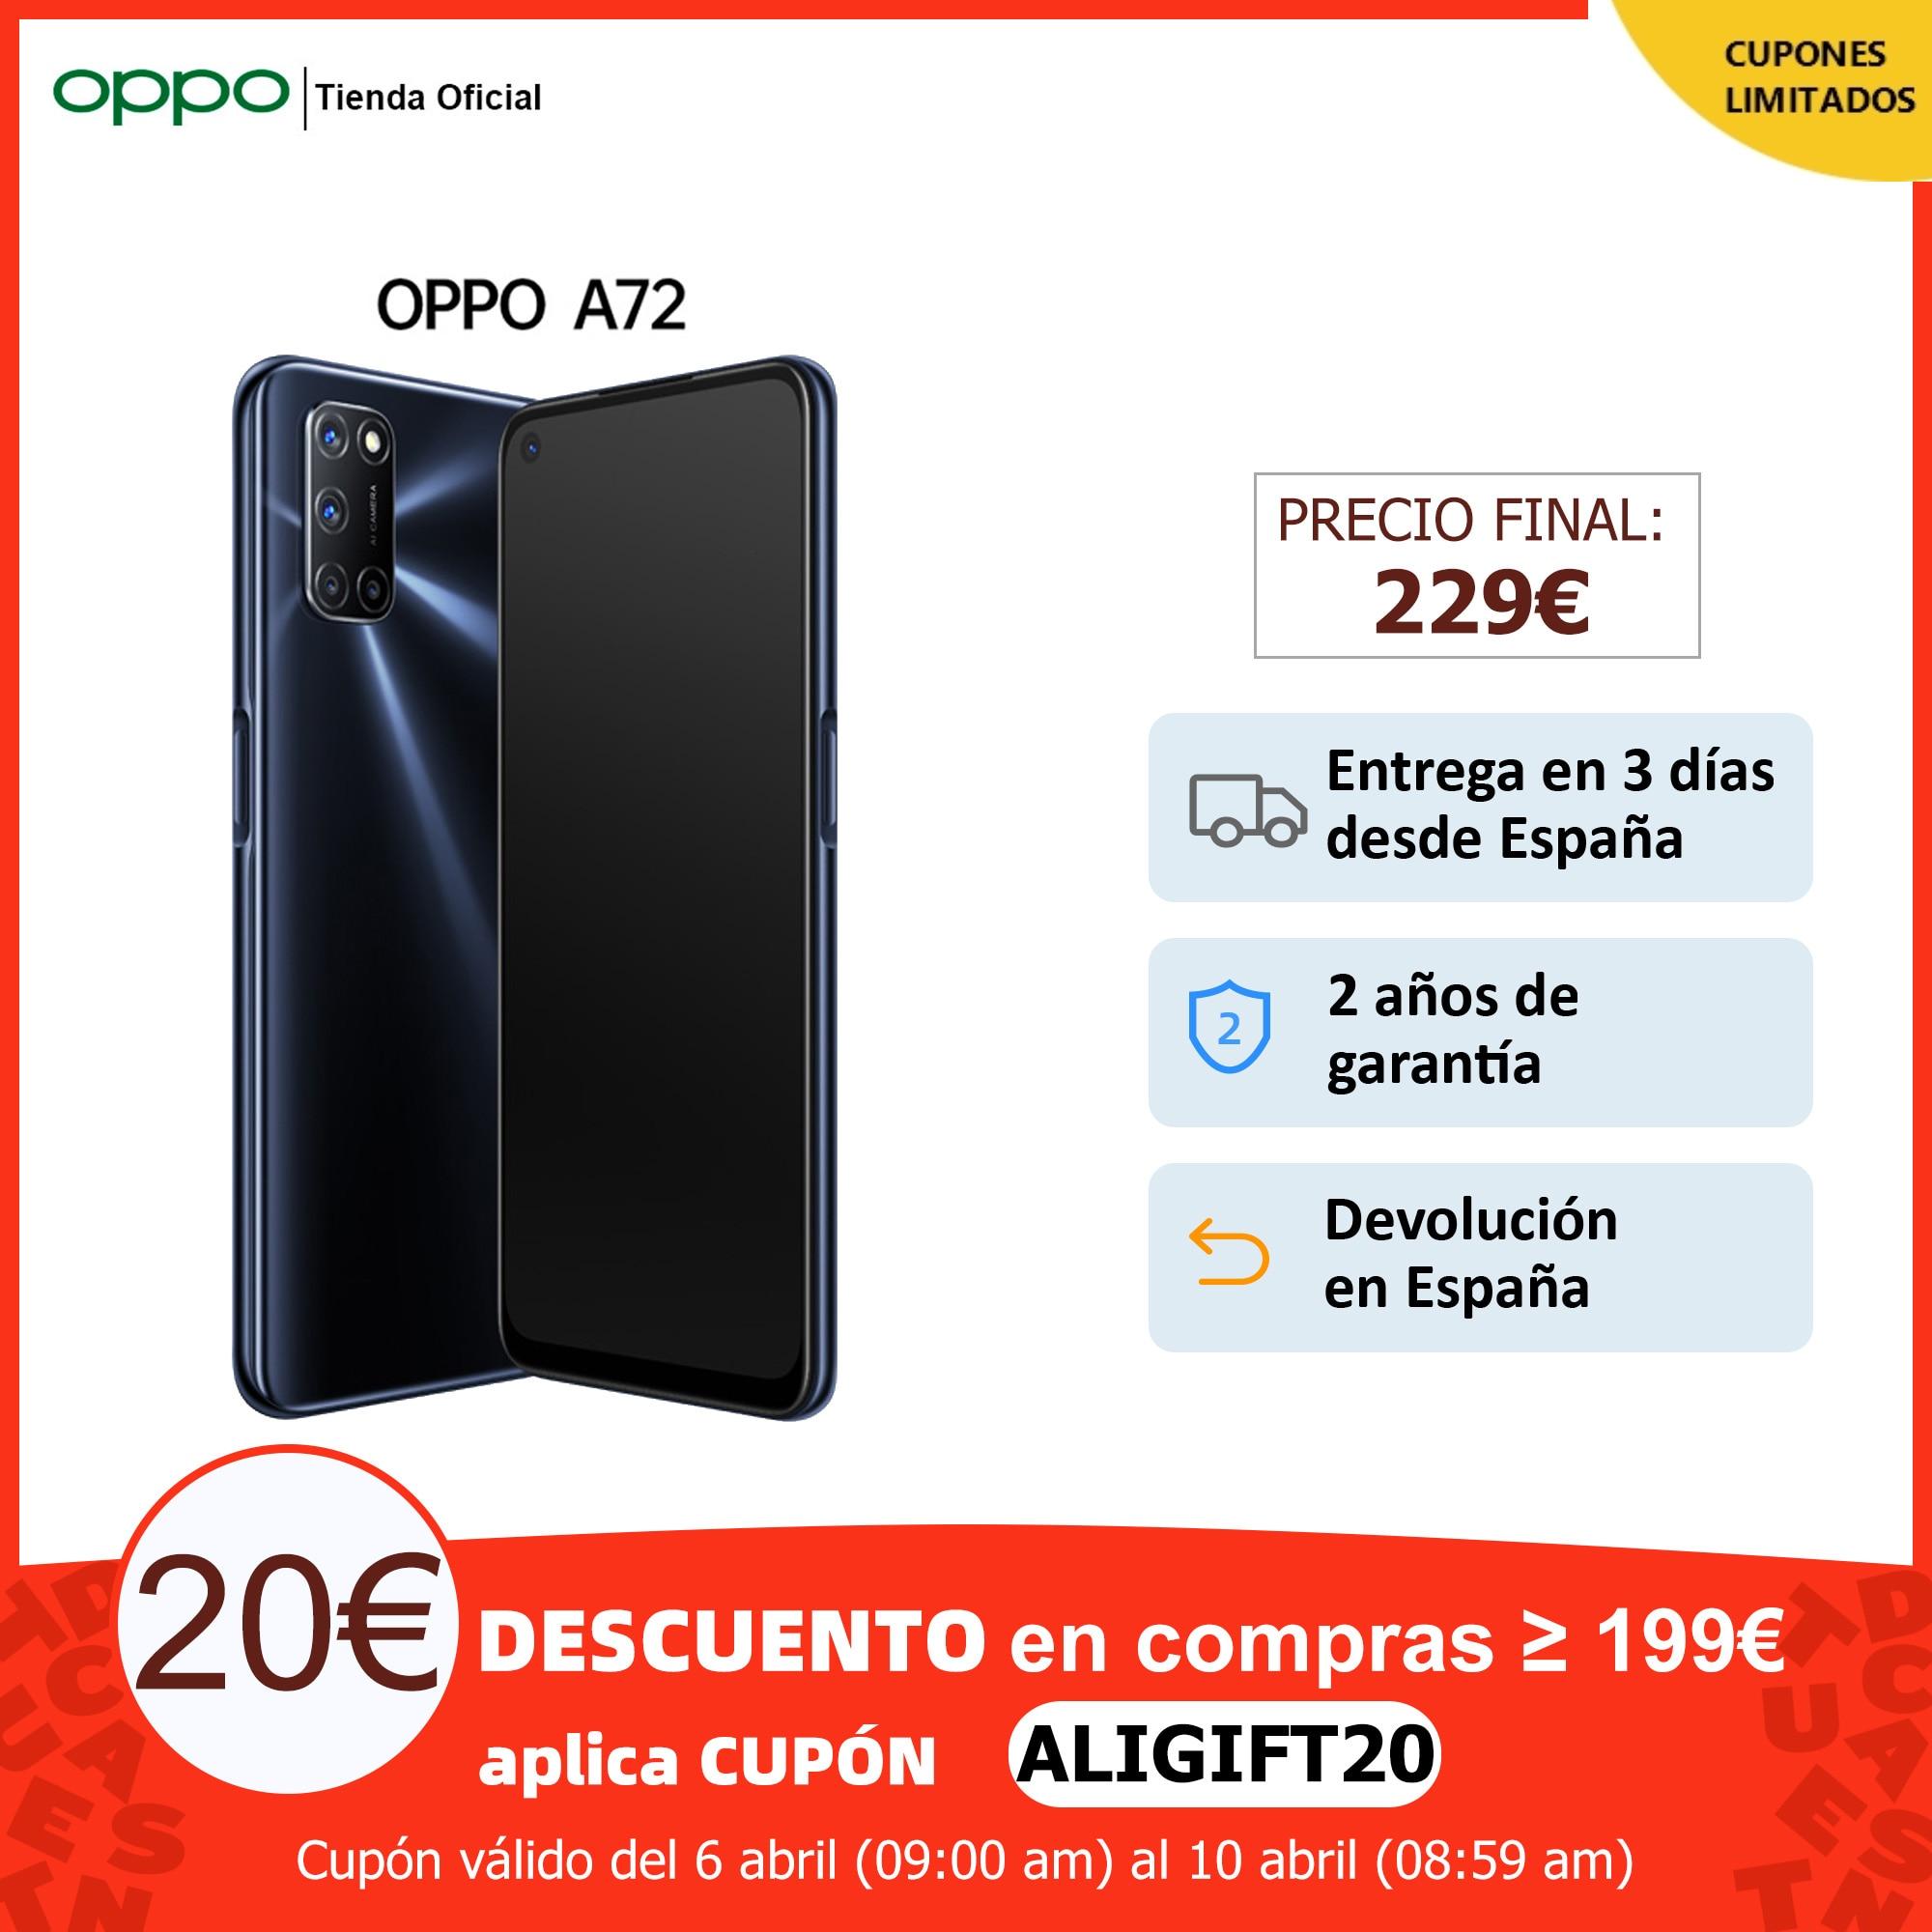 """OPPO A72 4GB/128GB, Smartphone, Pantalla 6.5"""", Altavoces Estéro Duales, Batería 5000 mAh, ColorOS 7.1, 2 Años de Garantía Teléfonos móviles  - AliExpress"""